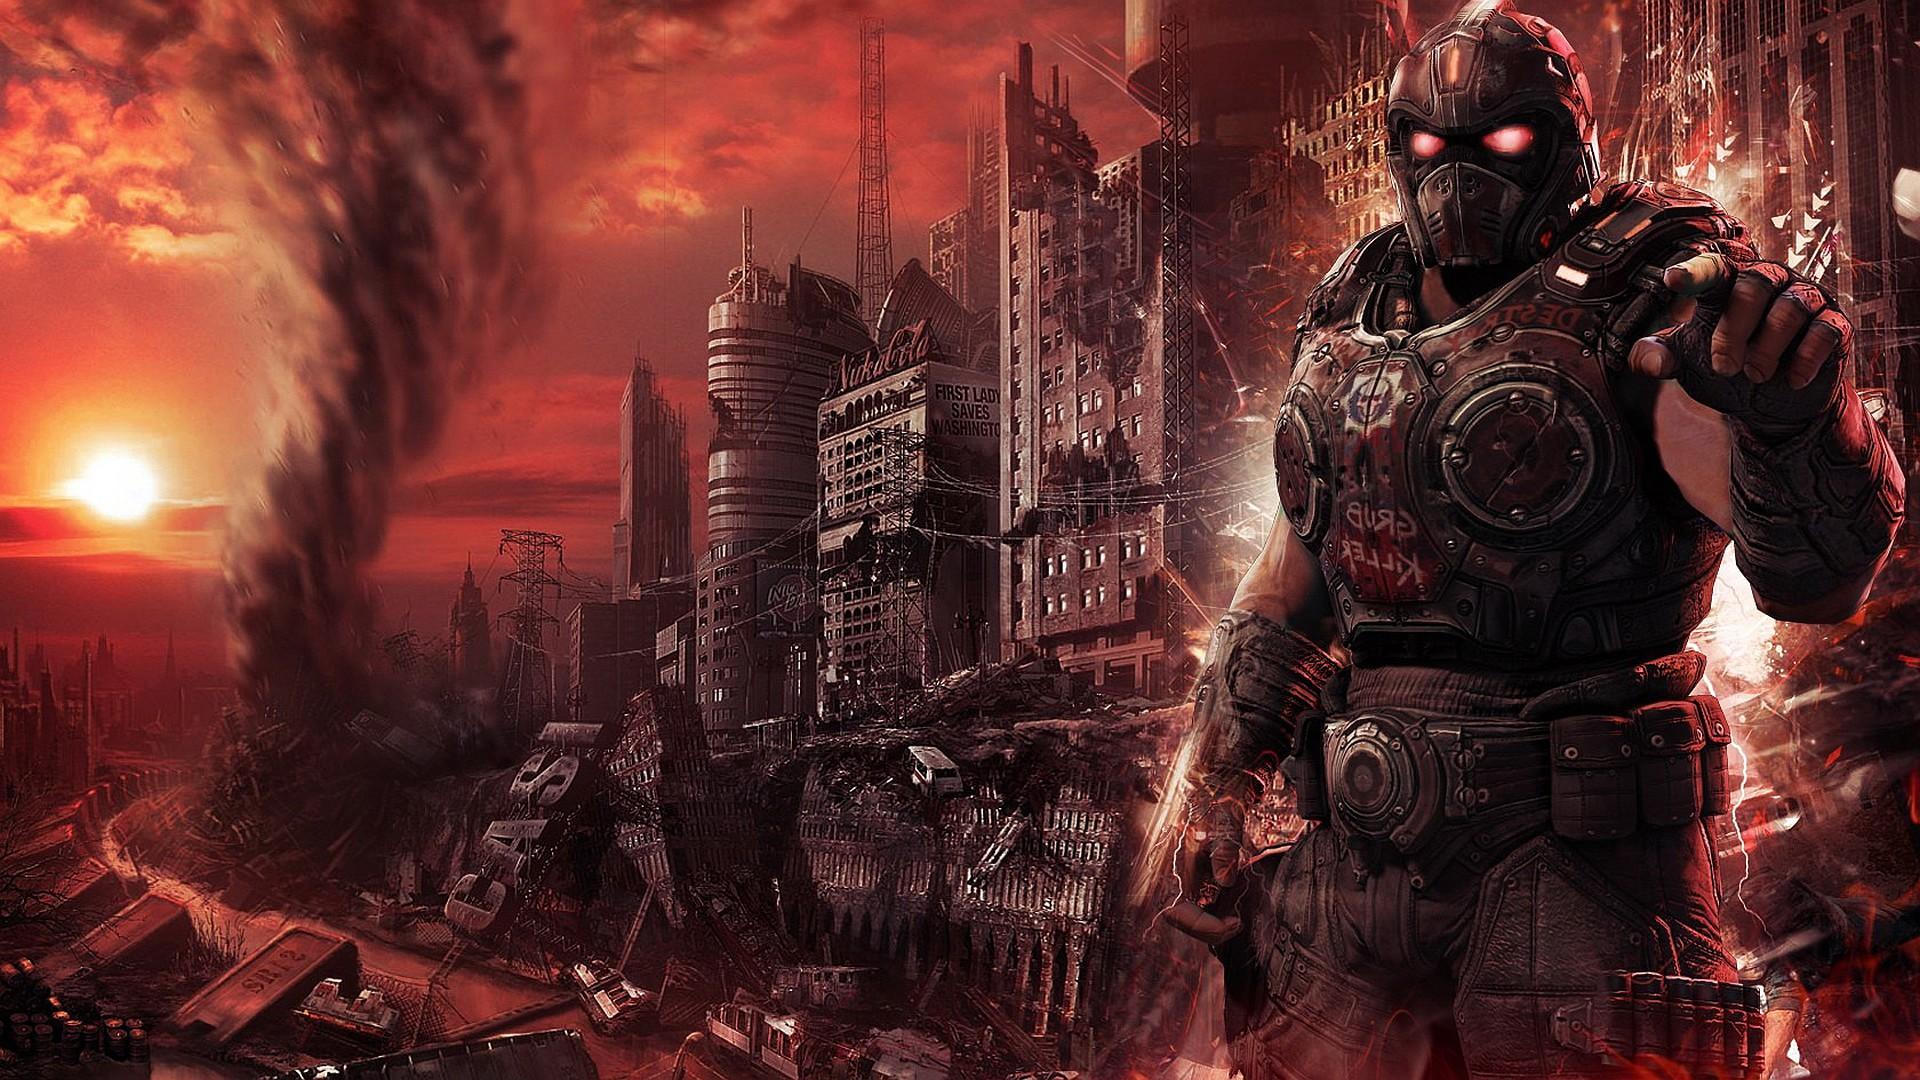 Fallout 4 Wallpaper HD 1920x1080